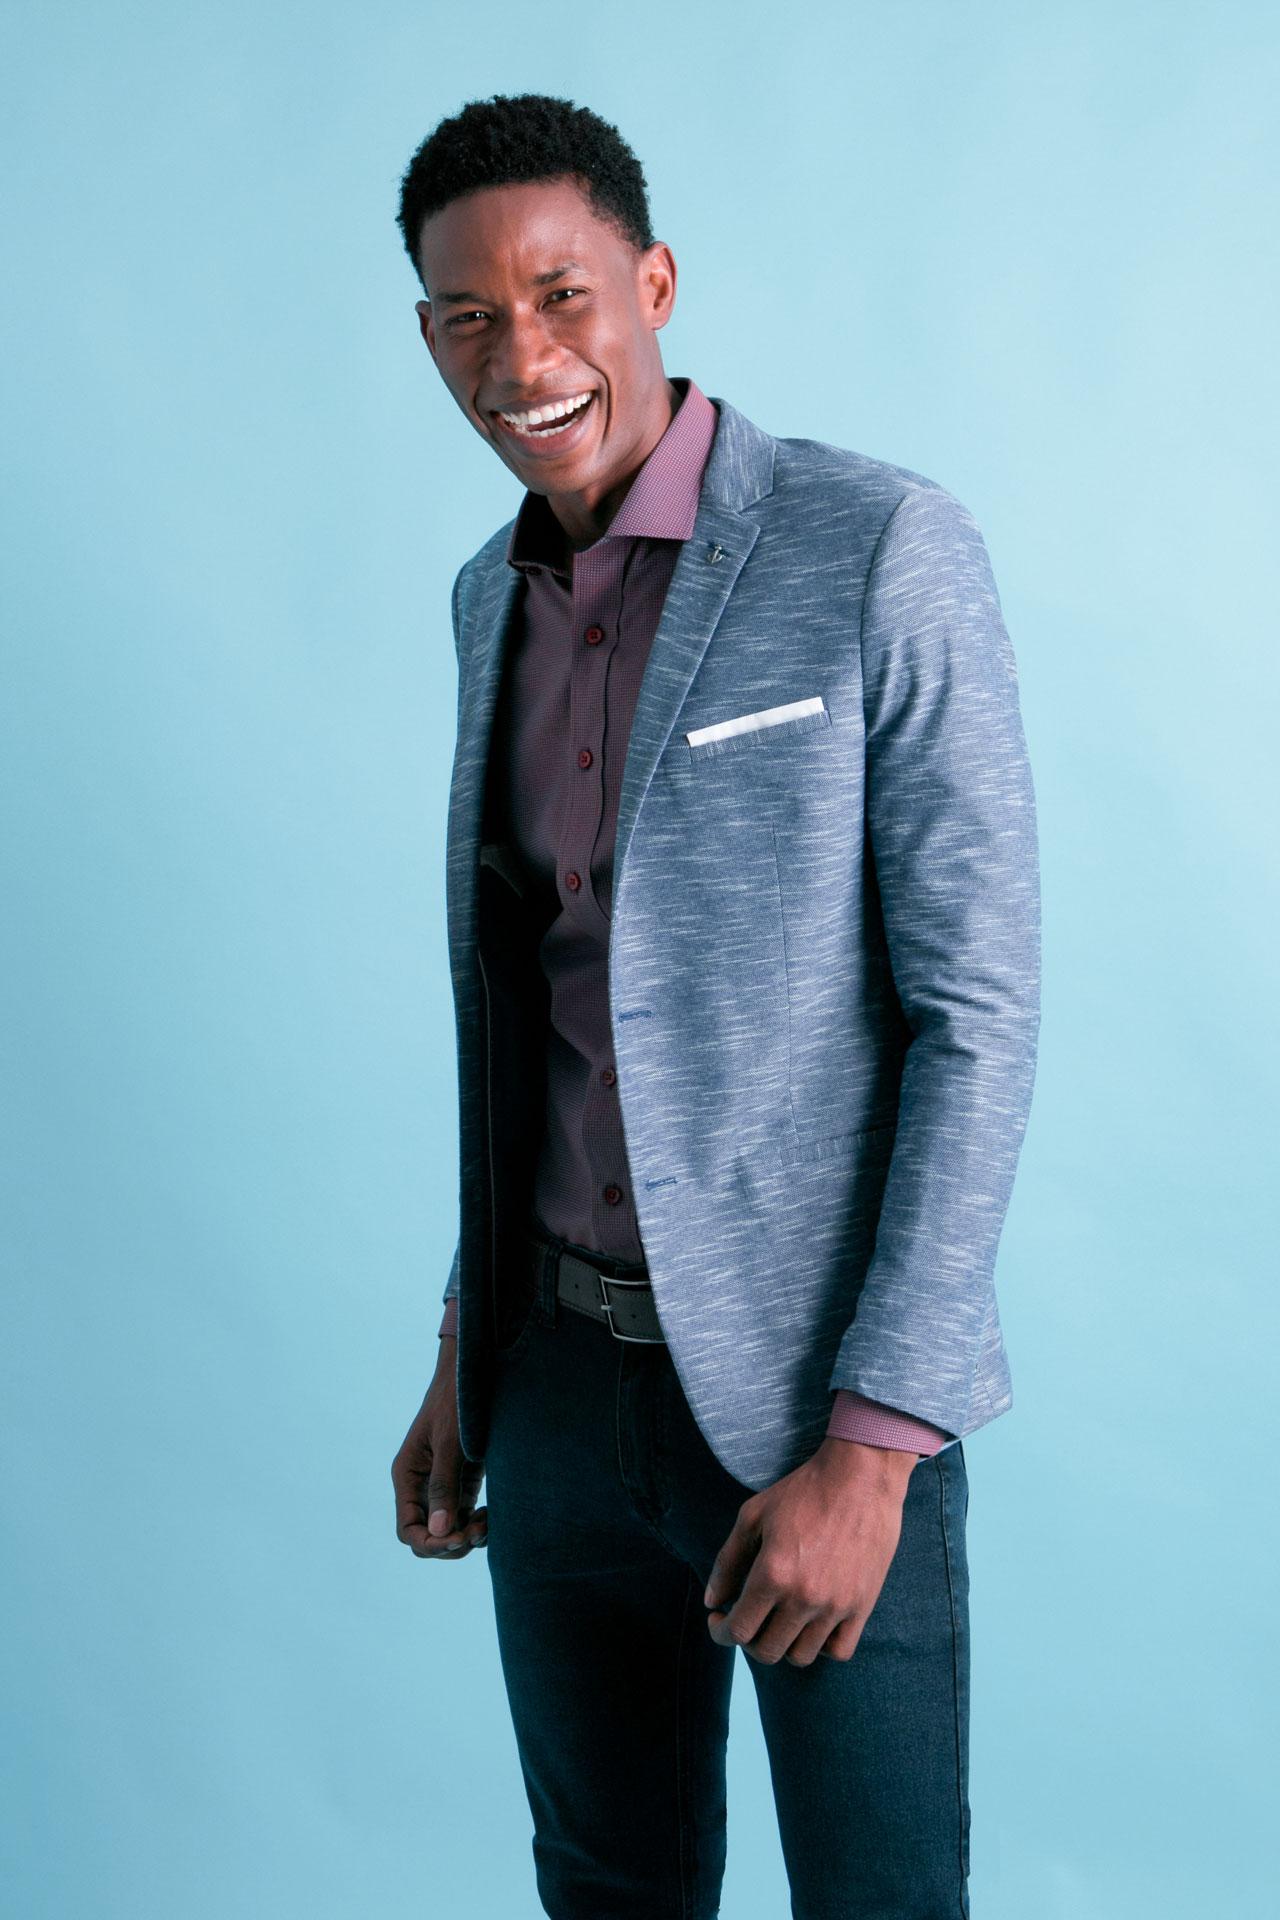 O tecido do blazer pode variar entre o algodão, linho, lã, veludo, e até moletom